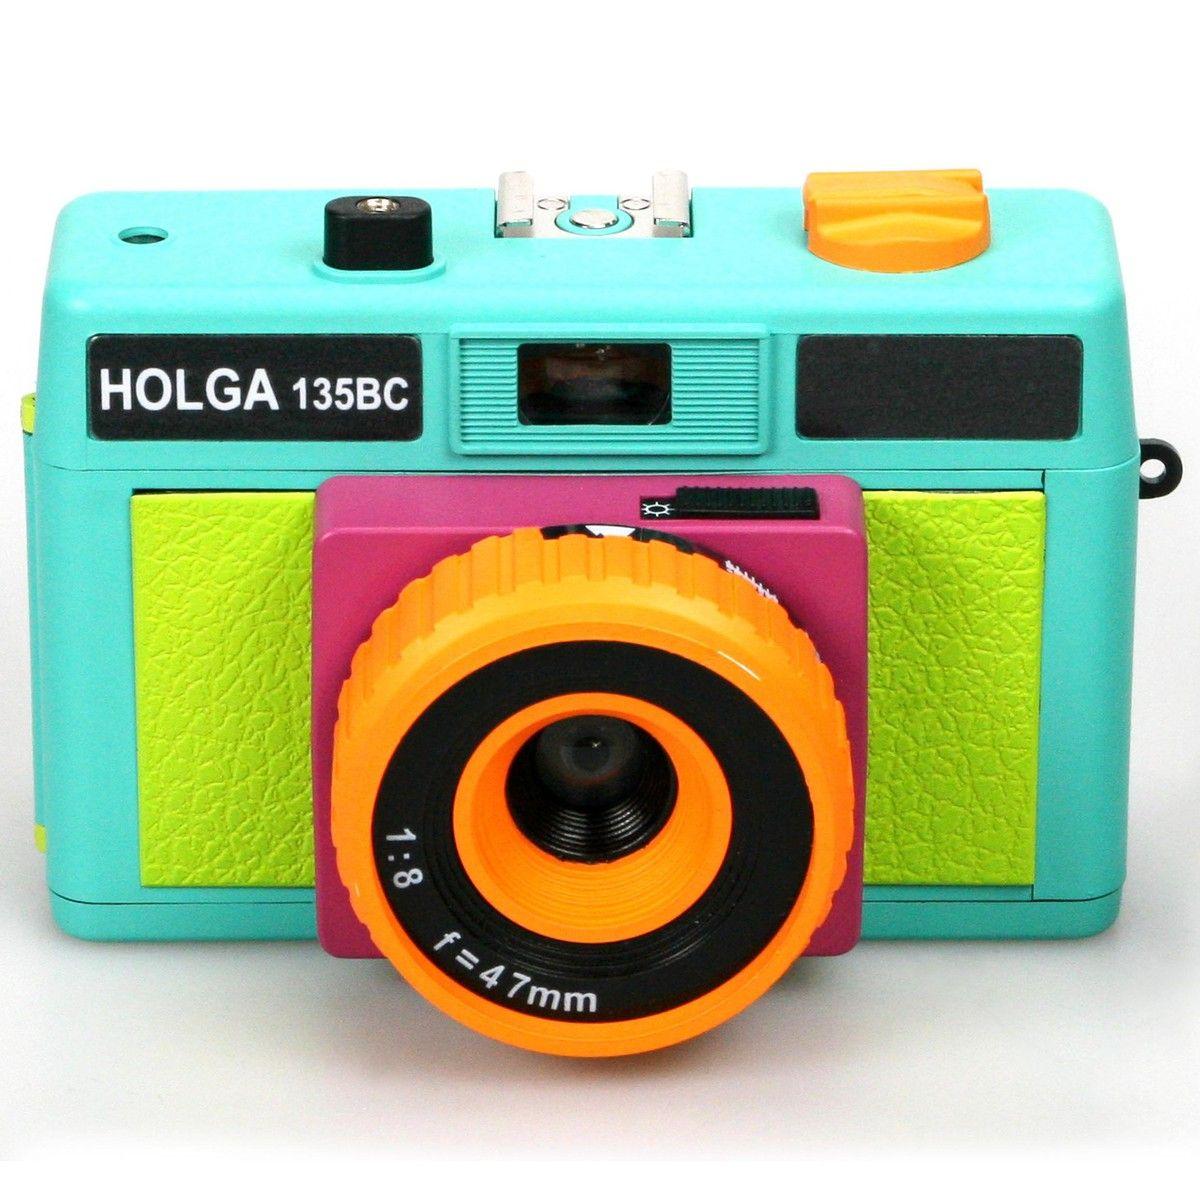 Muy bonita cámara.Muy colorida,veraniega y juvenil.